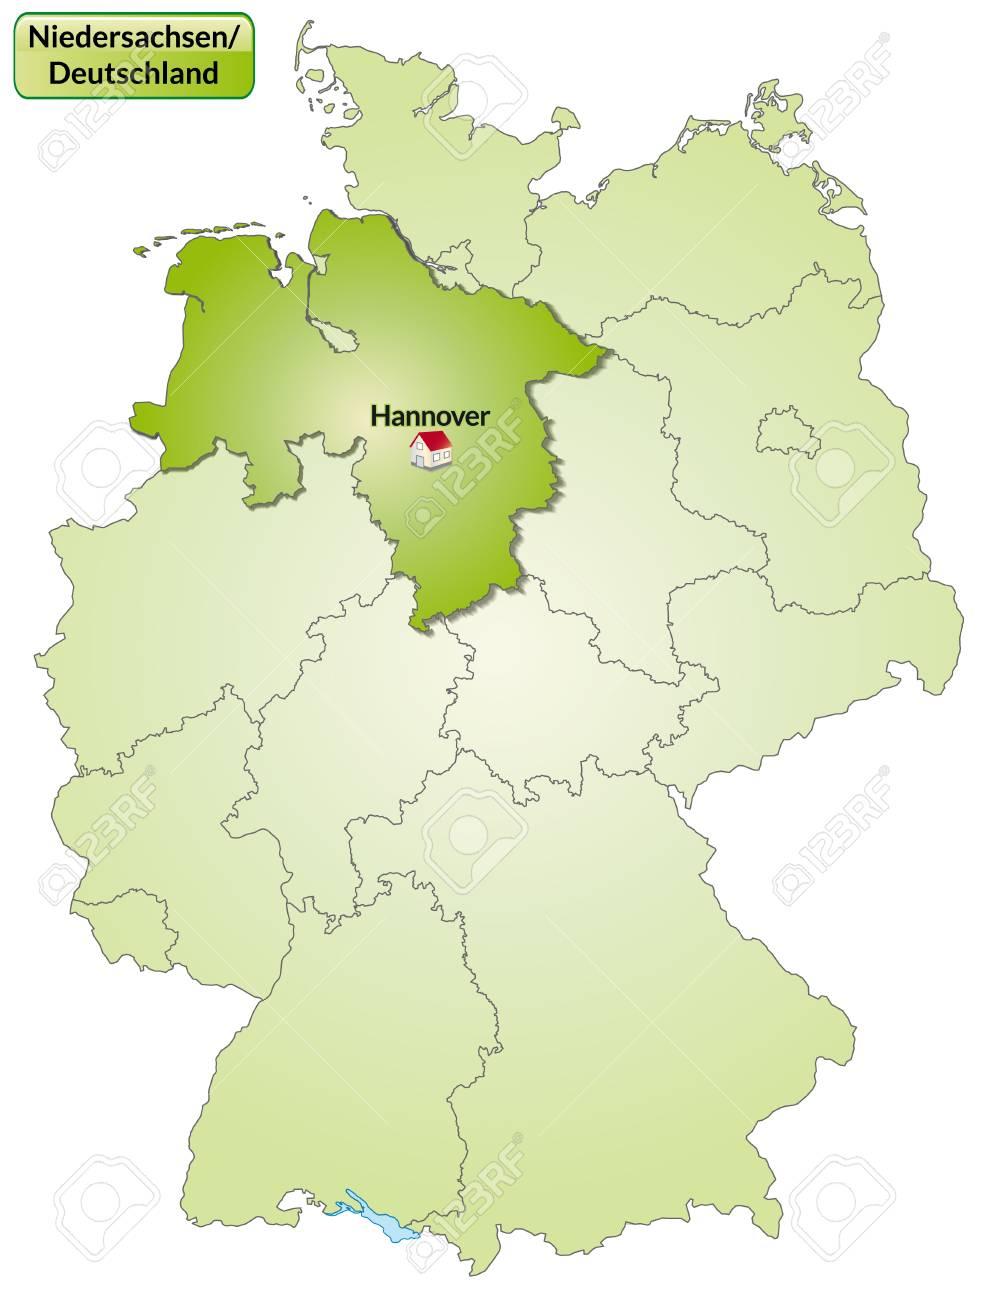 Karte Von Niedersachsen Mit Den Wichtigsten Stadten In Grun